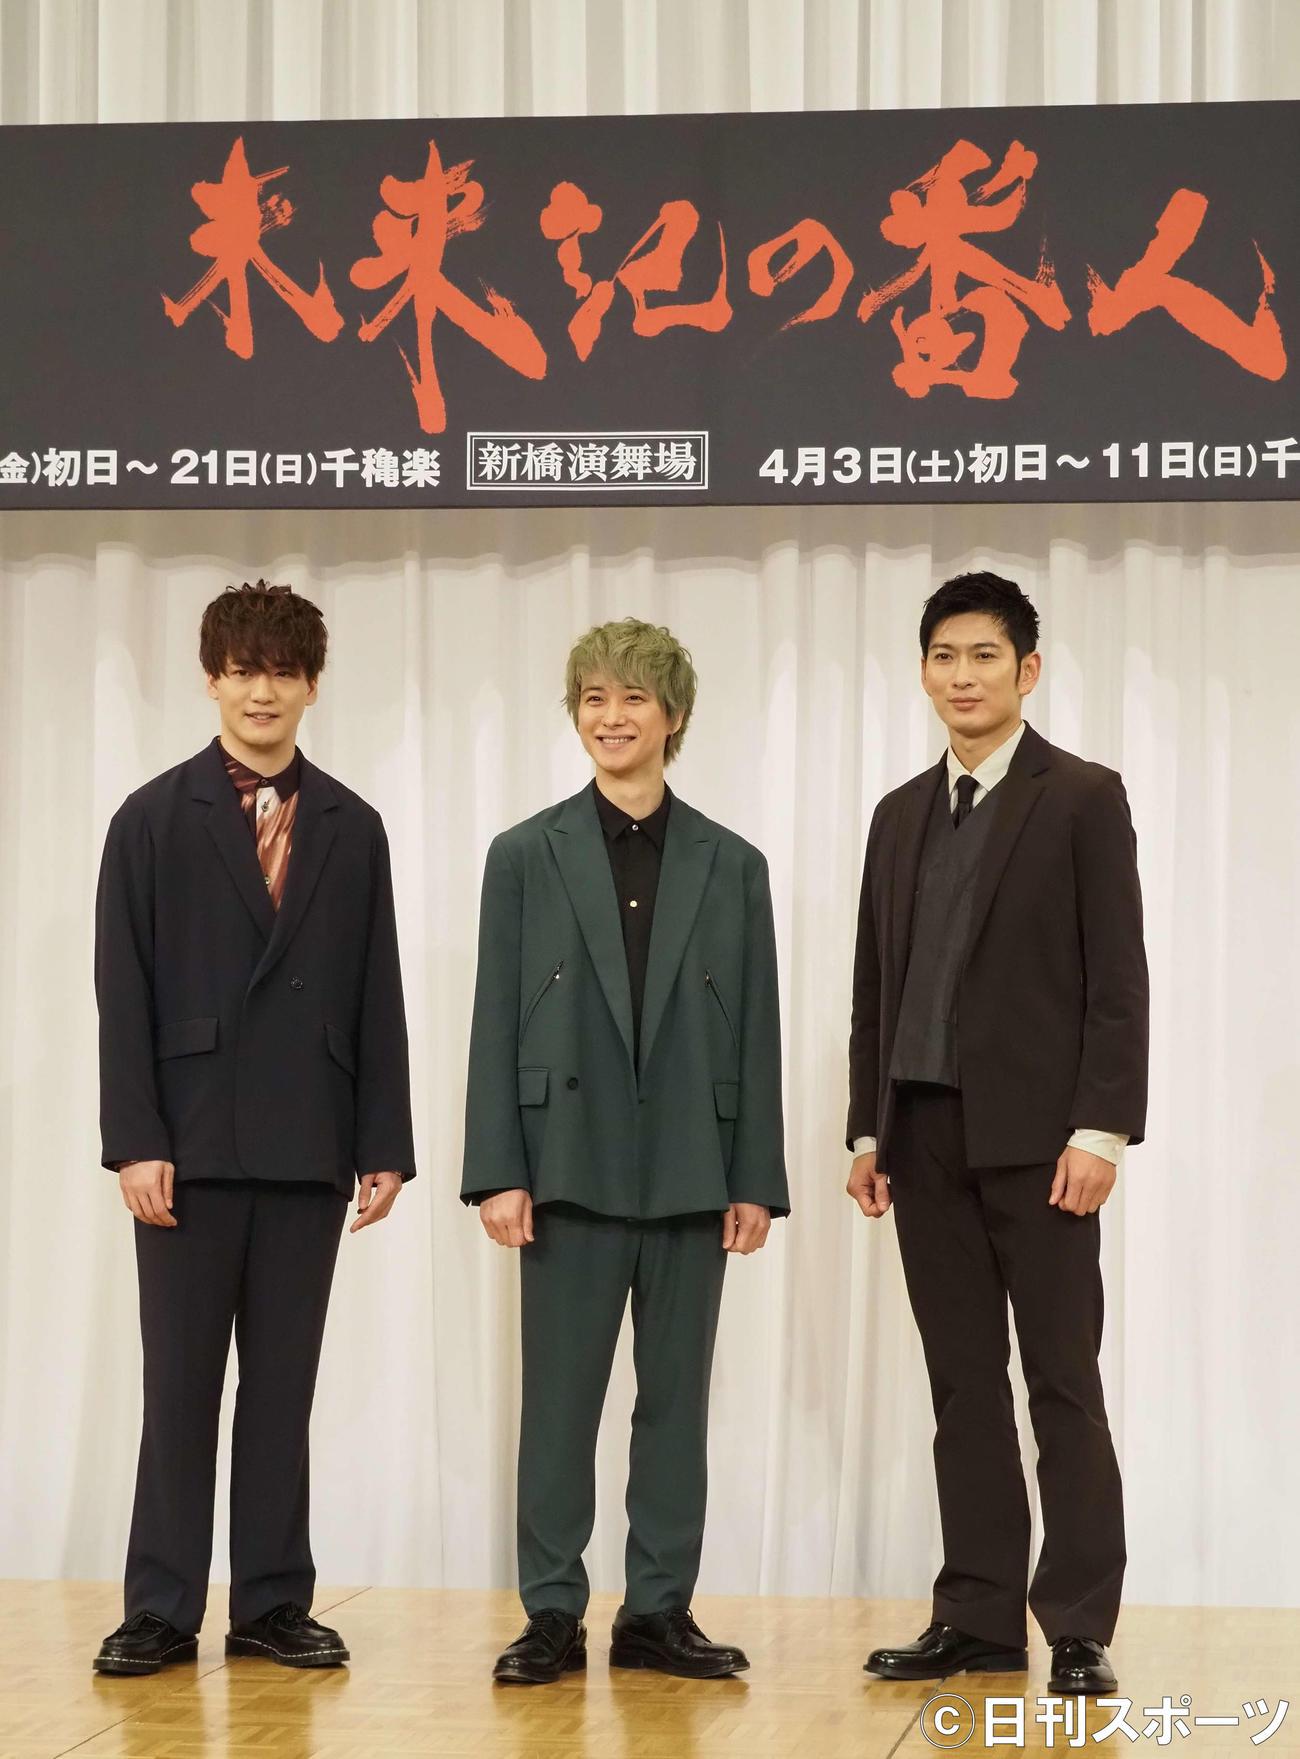 舞台「未来記の番人」制作発表会見に出席した、左からジャニーズJr.冨岡健翔、A.B.C-Z戸塚祥太、松田悟志